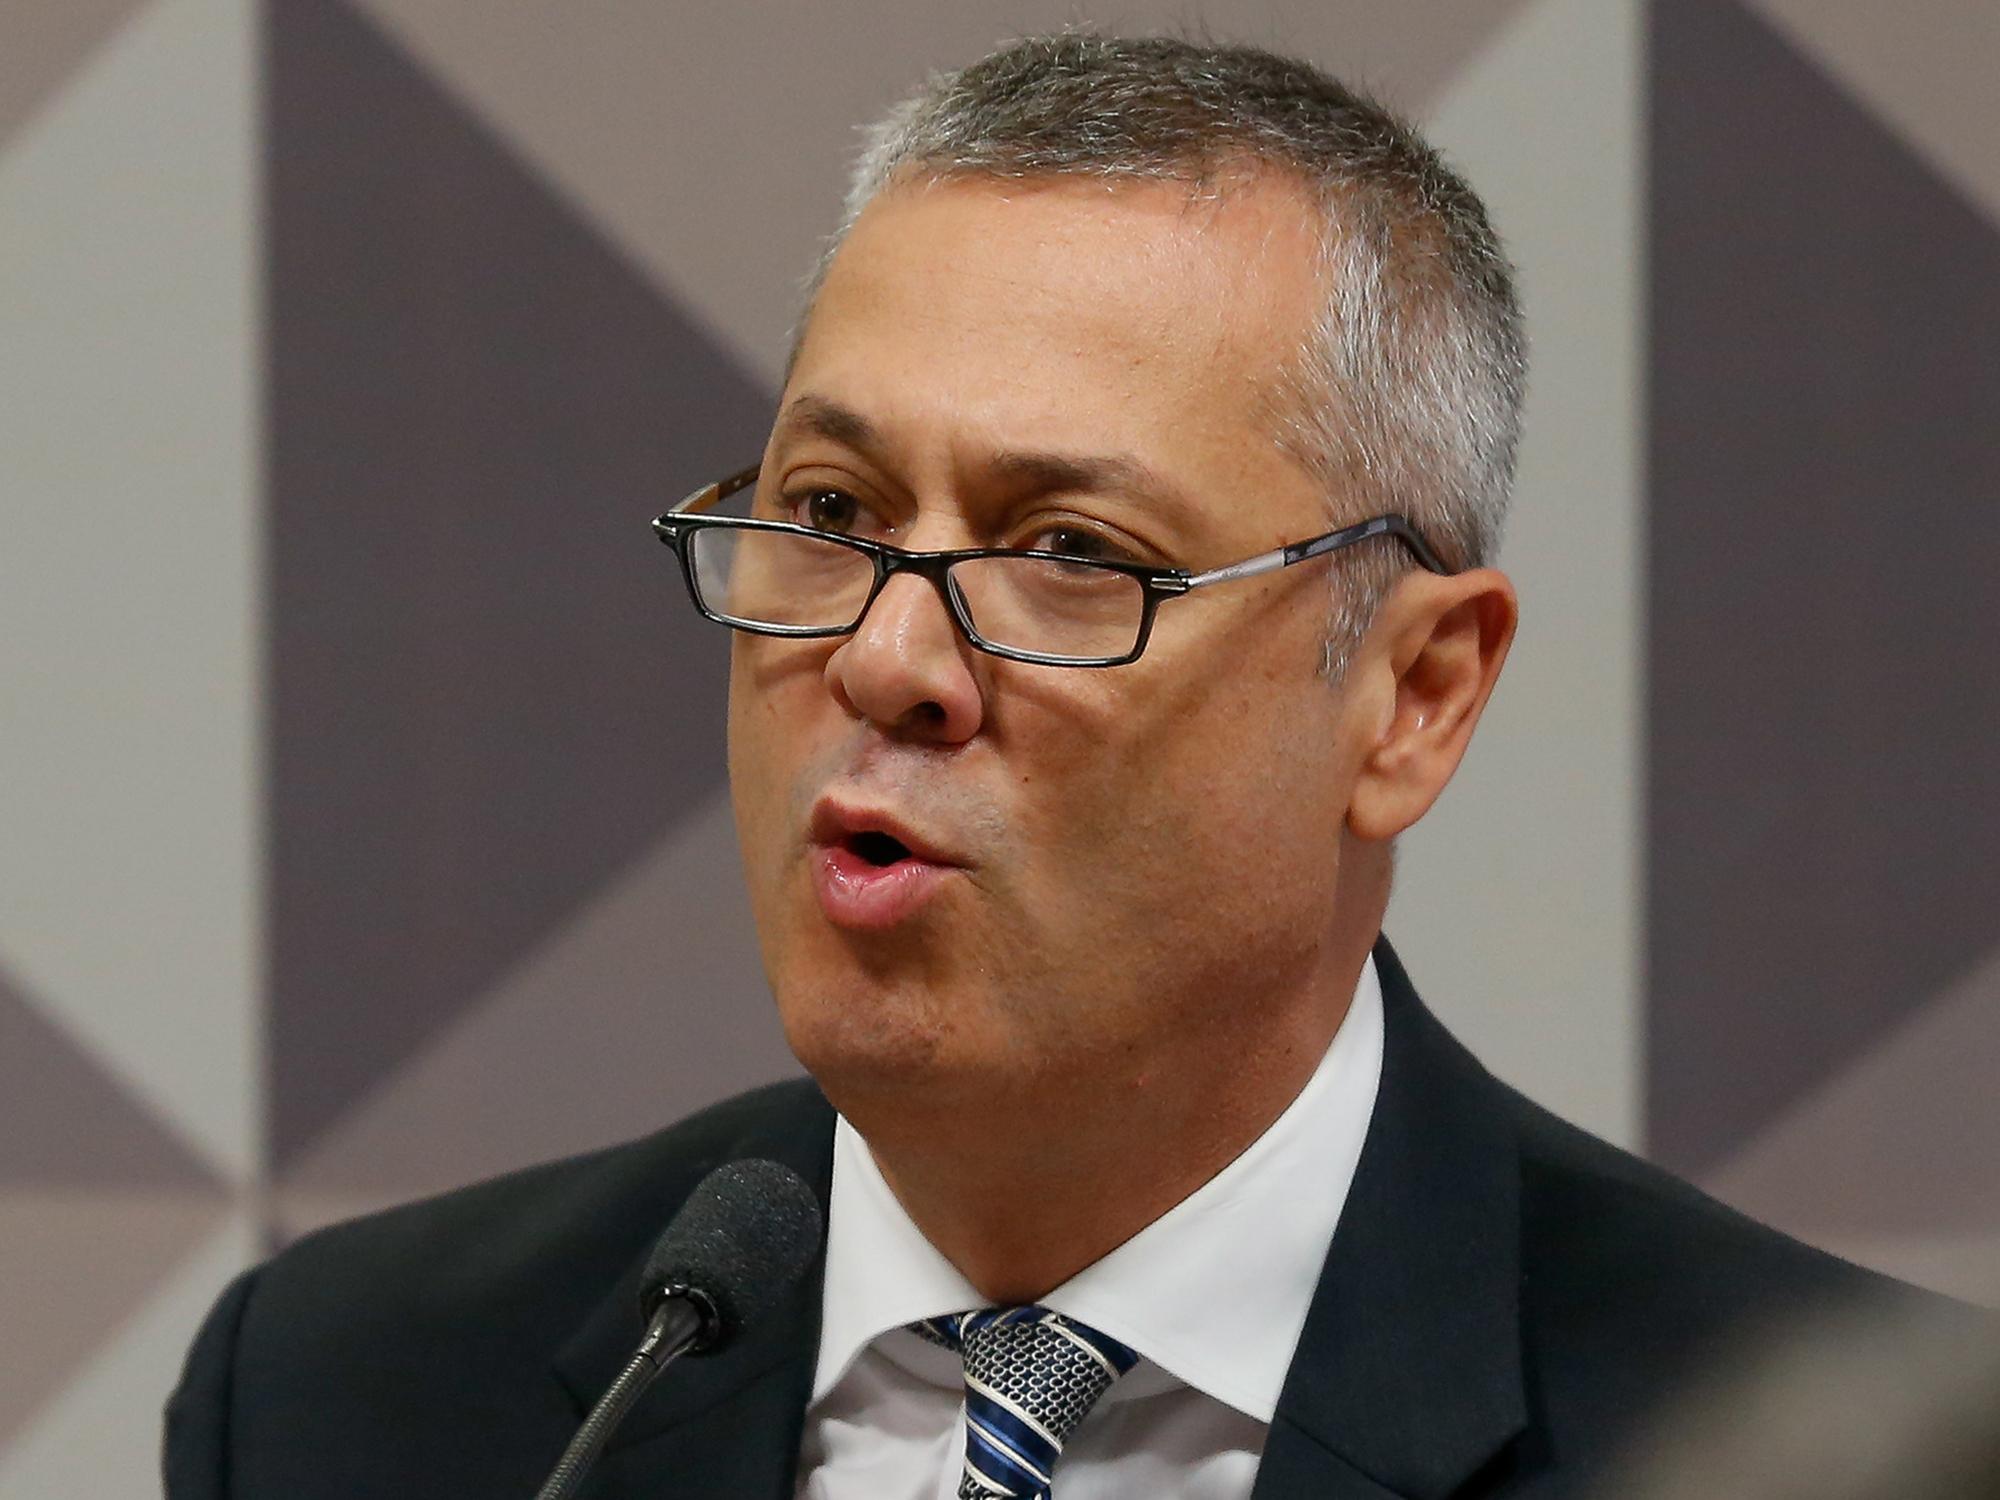 Fábio Medina Osório, Advogado Geral da União